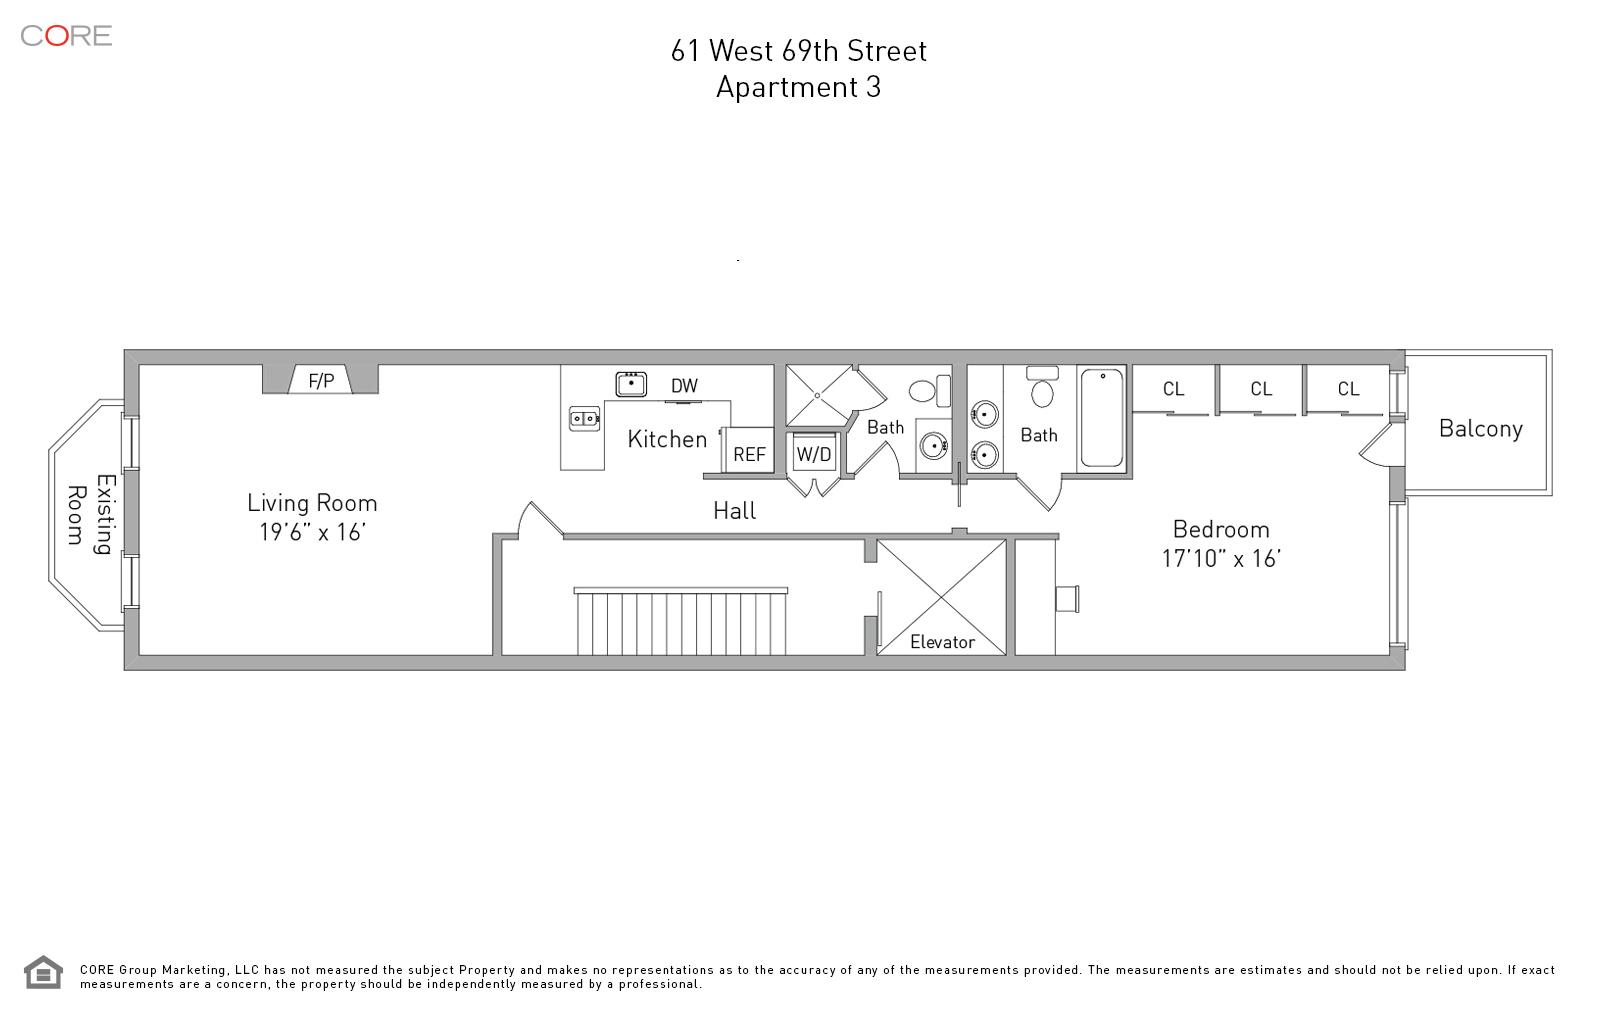 61 West 69th St. 3, New York, NY 10023